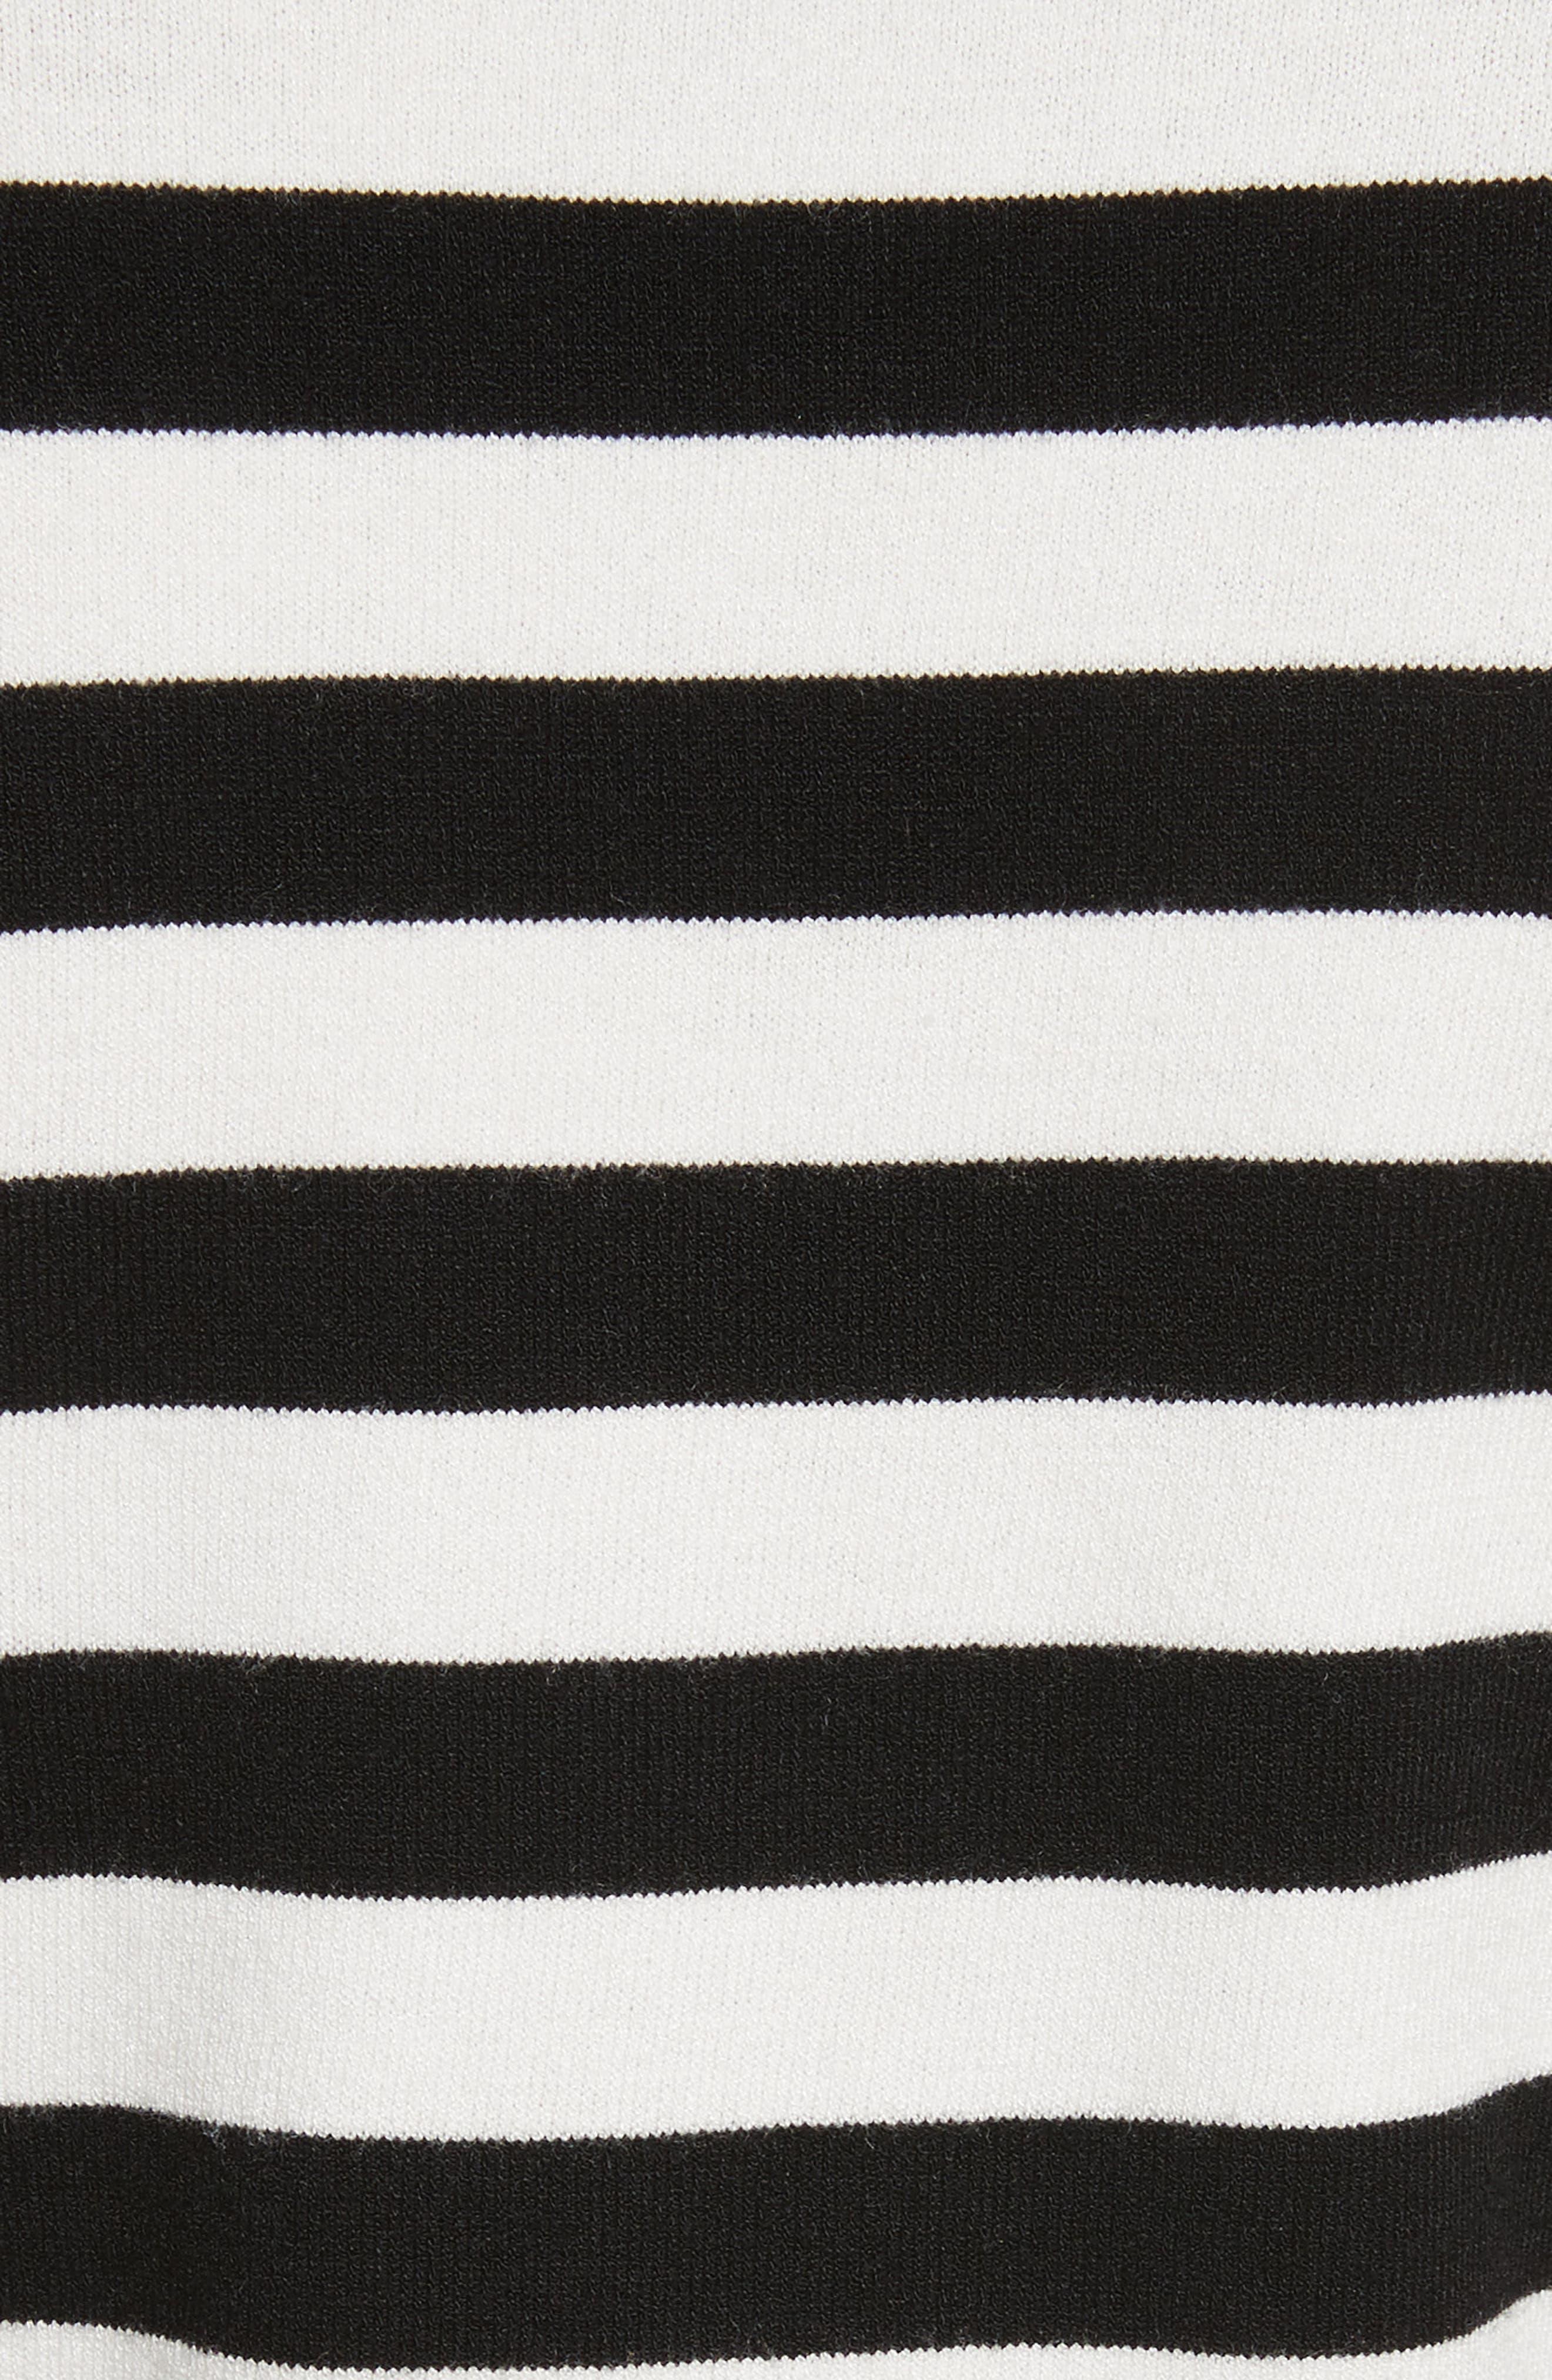 Bell Sleeve V-Neck Sweater,                             Alternate thumbnail 18, color,